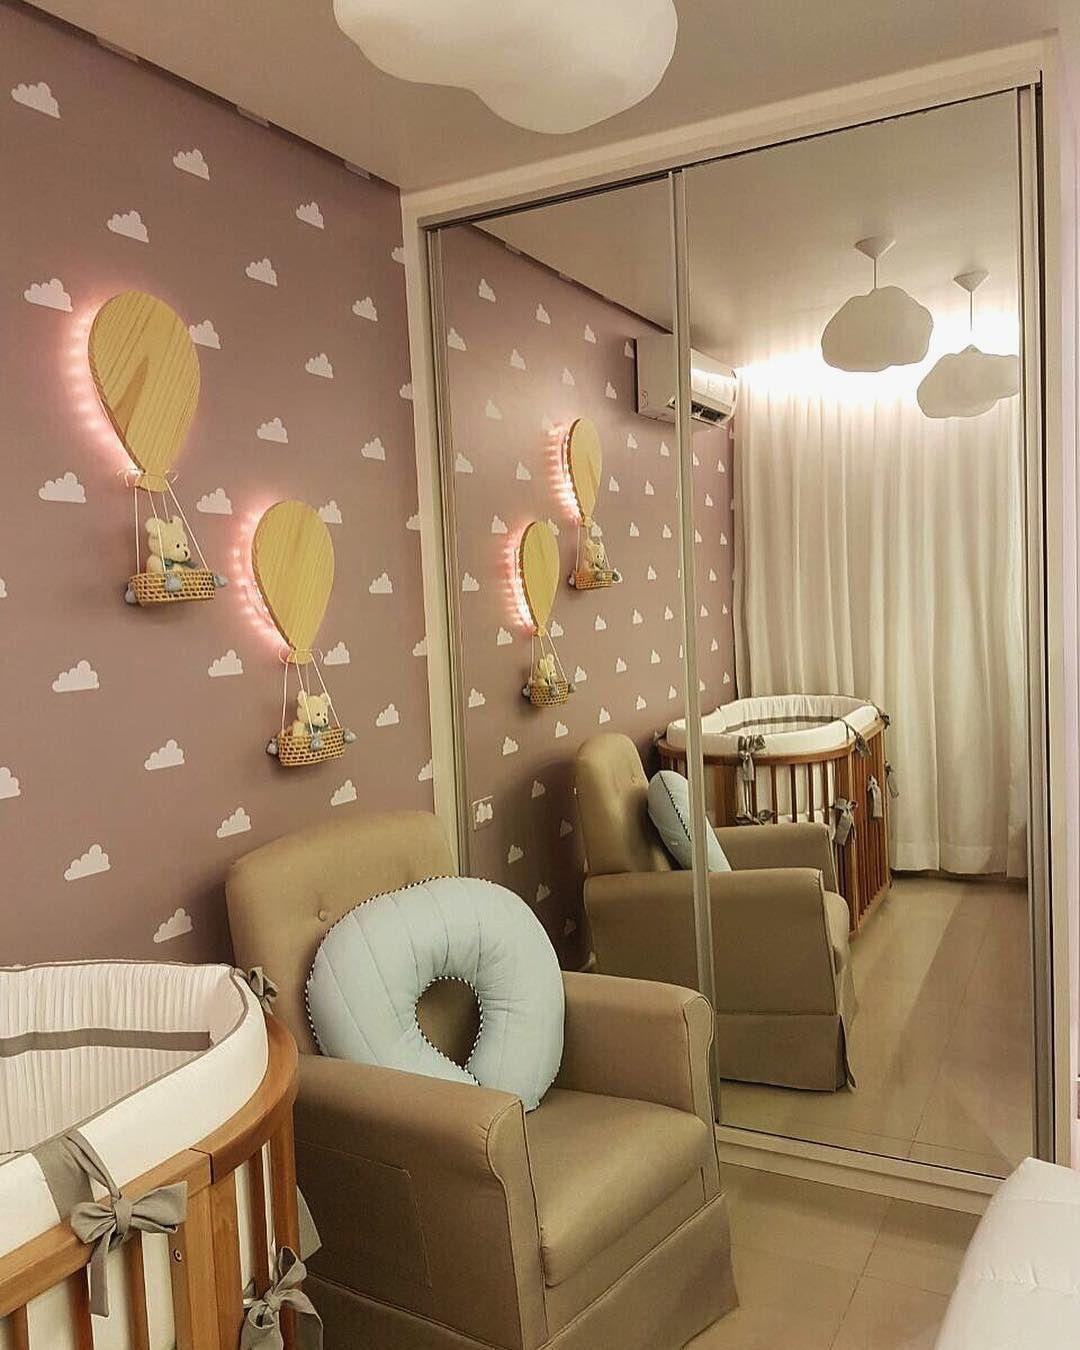 Mil Ideias De Decoração Quartos De Bebé: Pin De Sabrina Manhães Em Gravidez